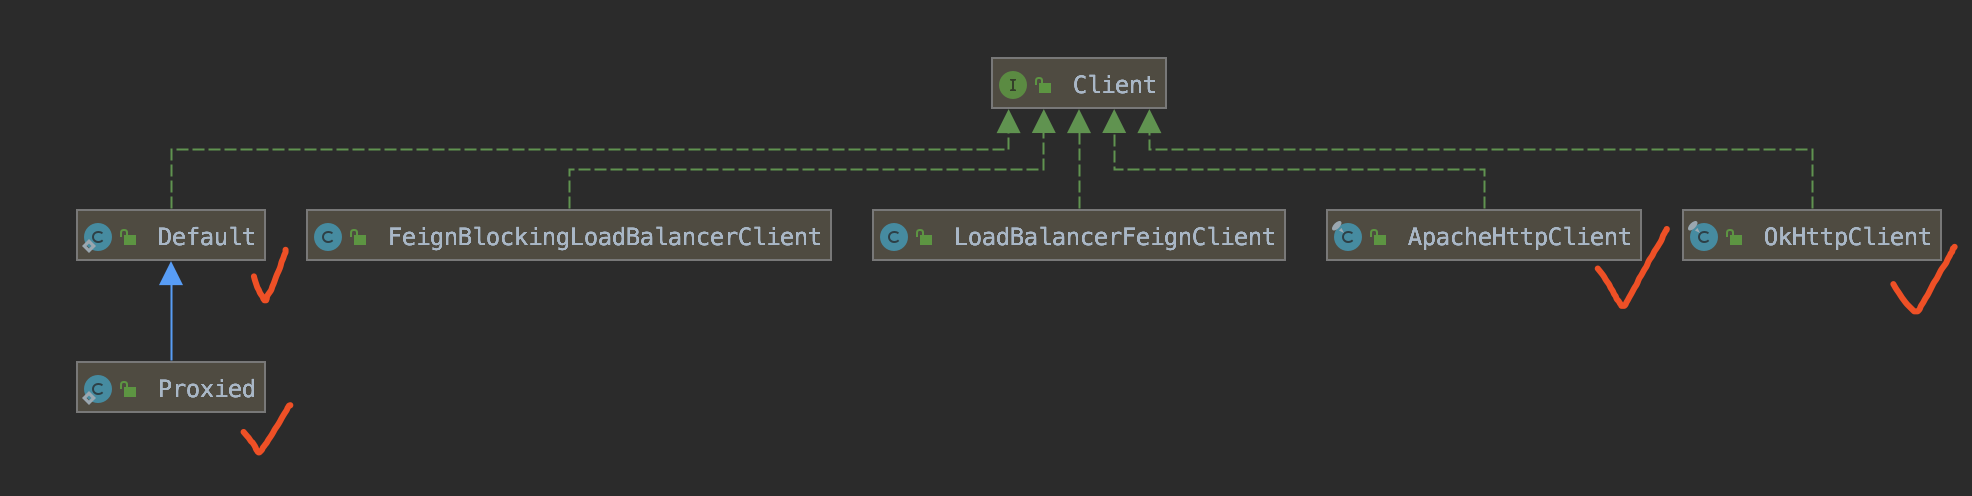 Client 类图